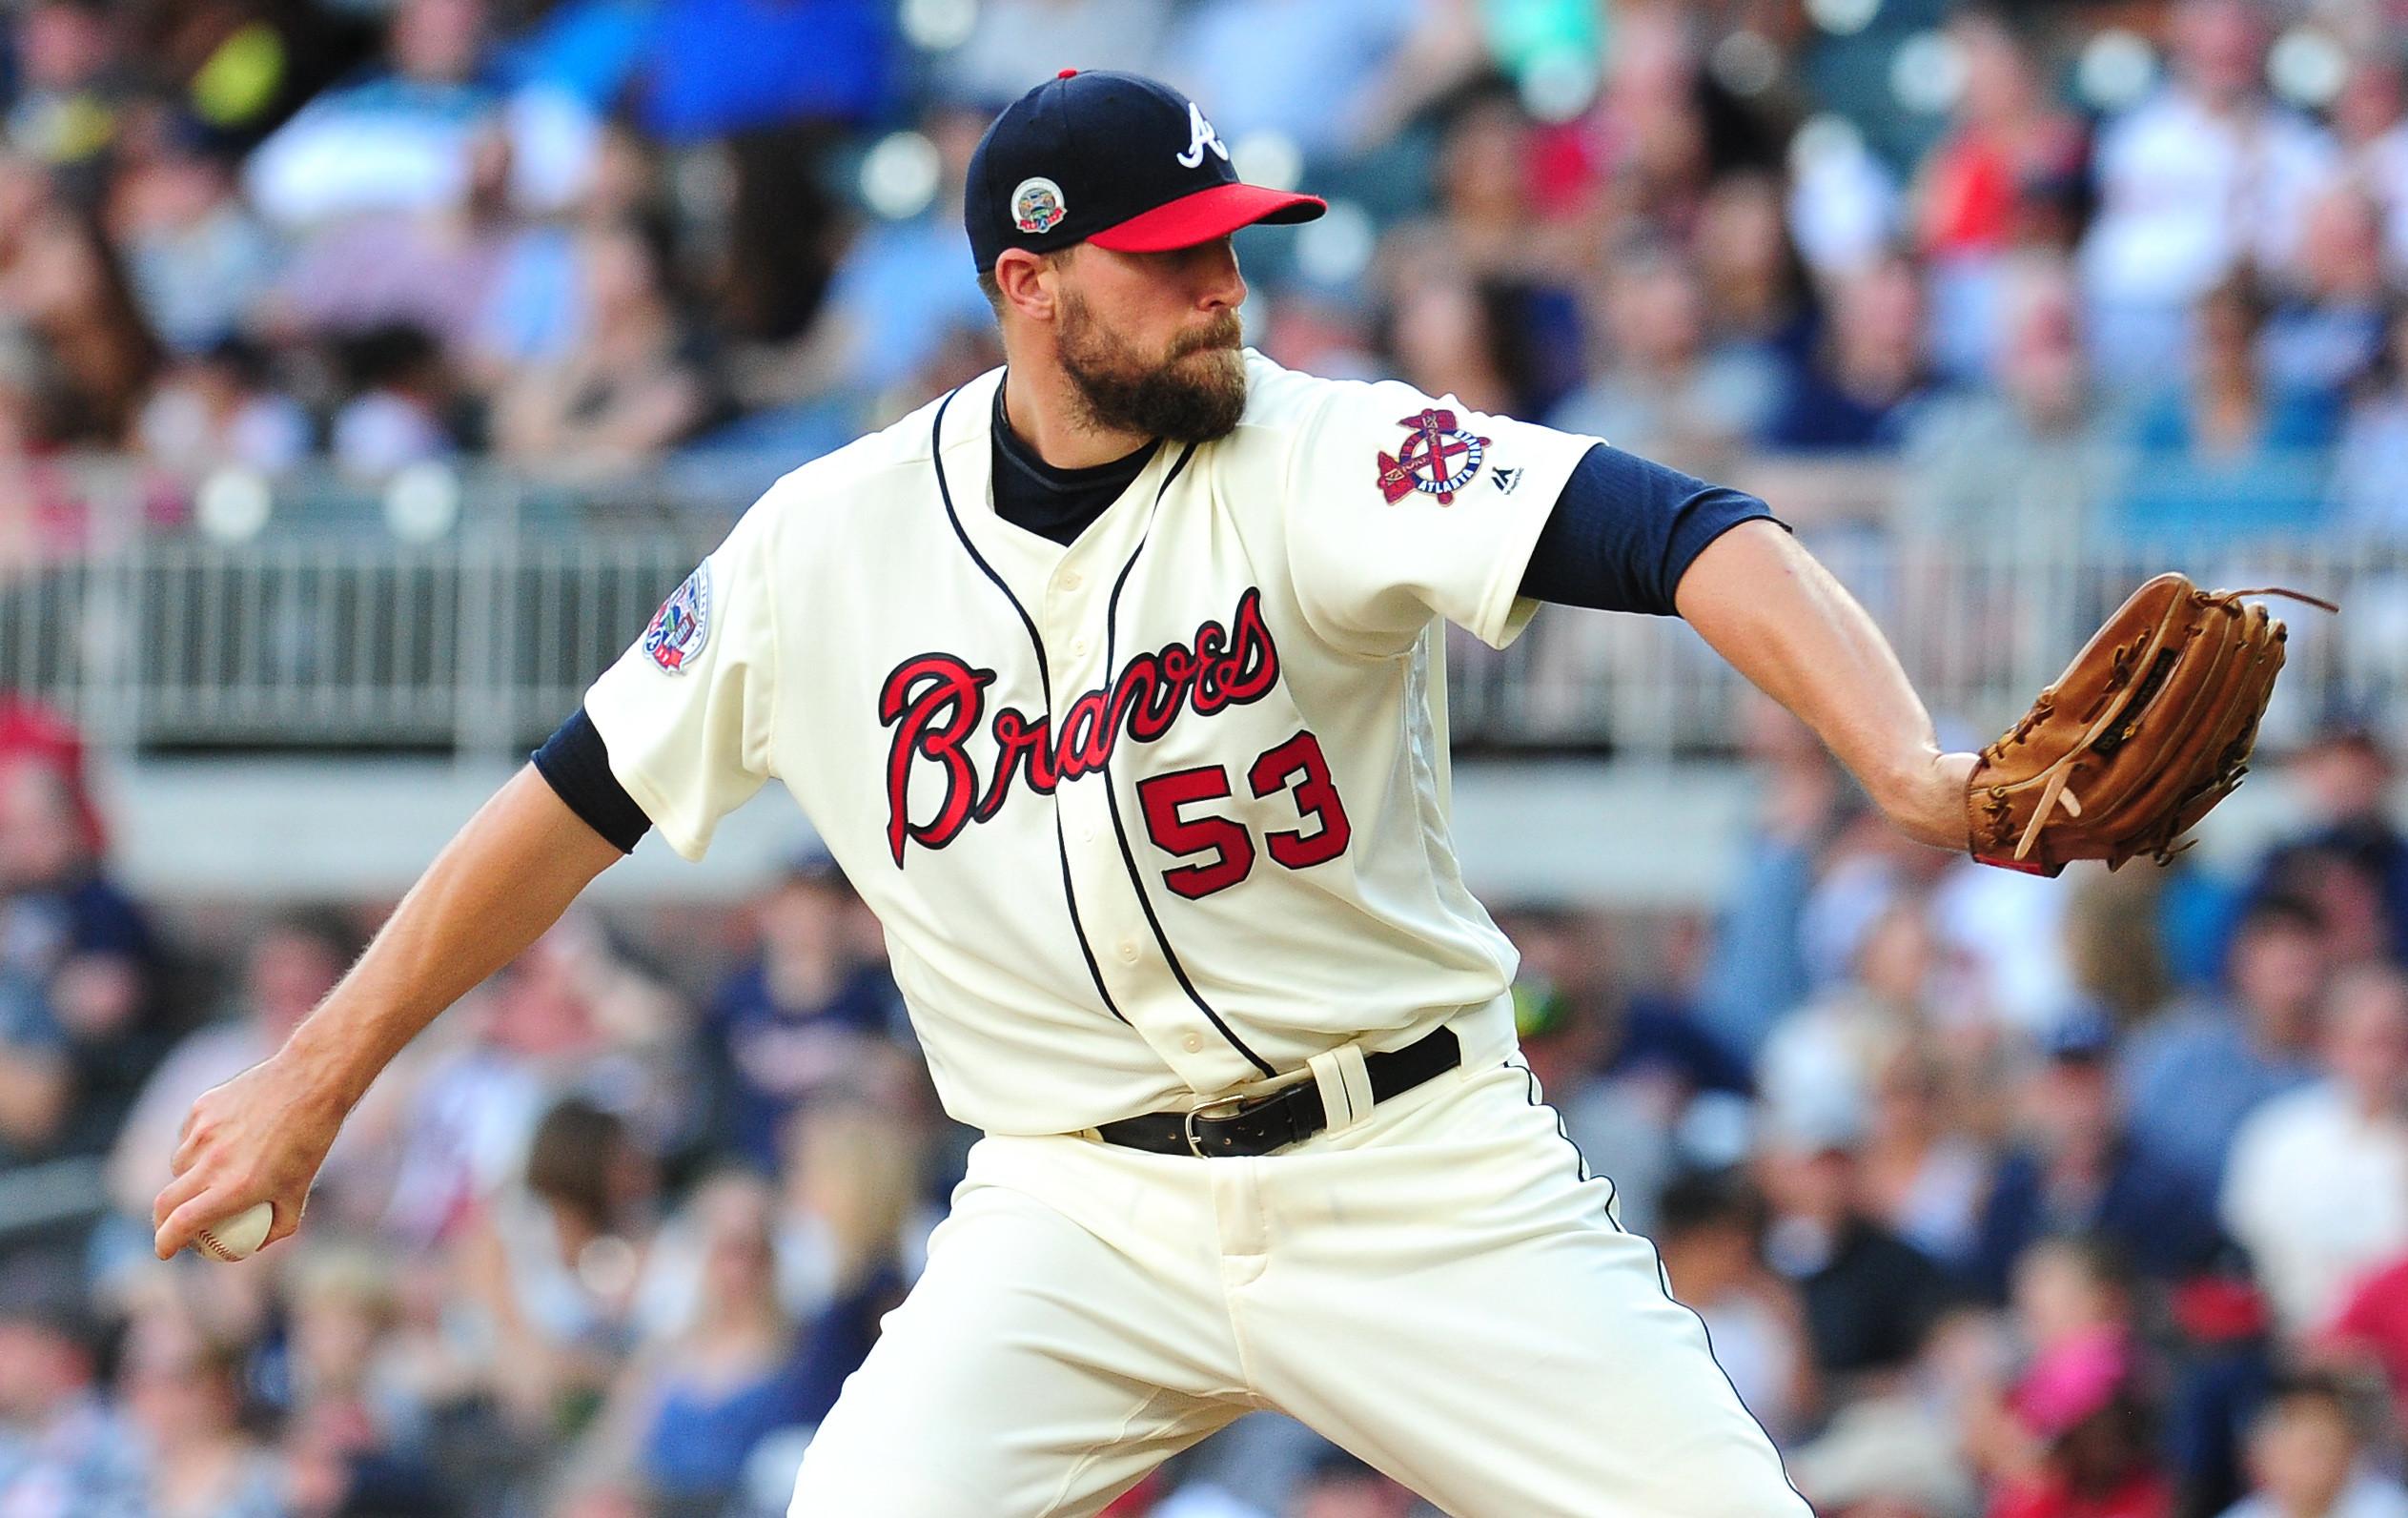 The Braves bullpen needs major improvement in 2018